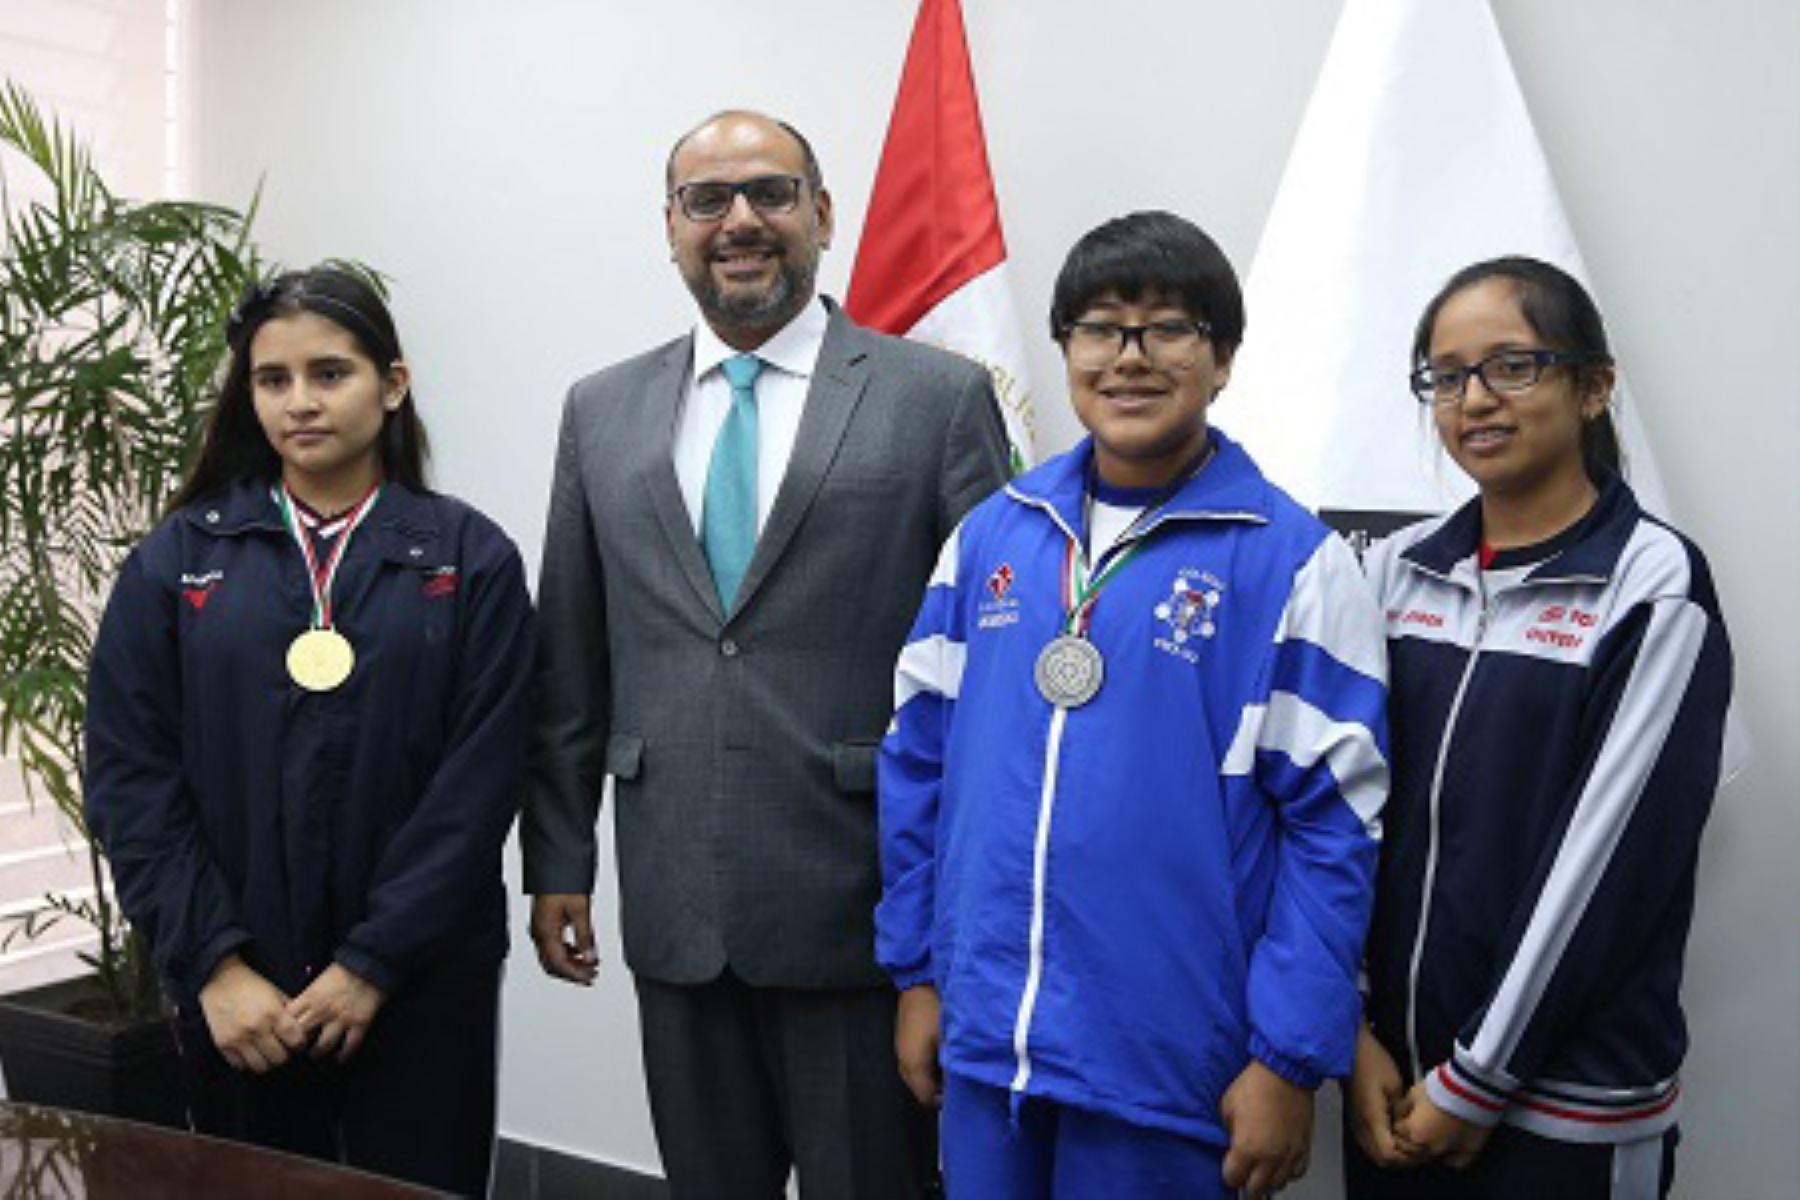 Minedu premió a escolares que ganaron medallas en olimpiada de matemática 1ebeba9be9681